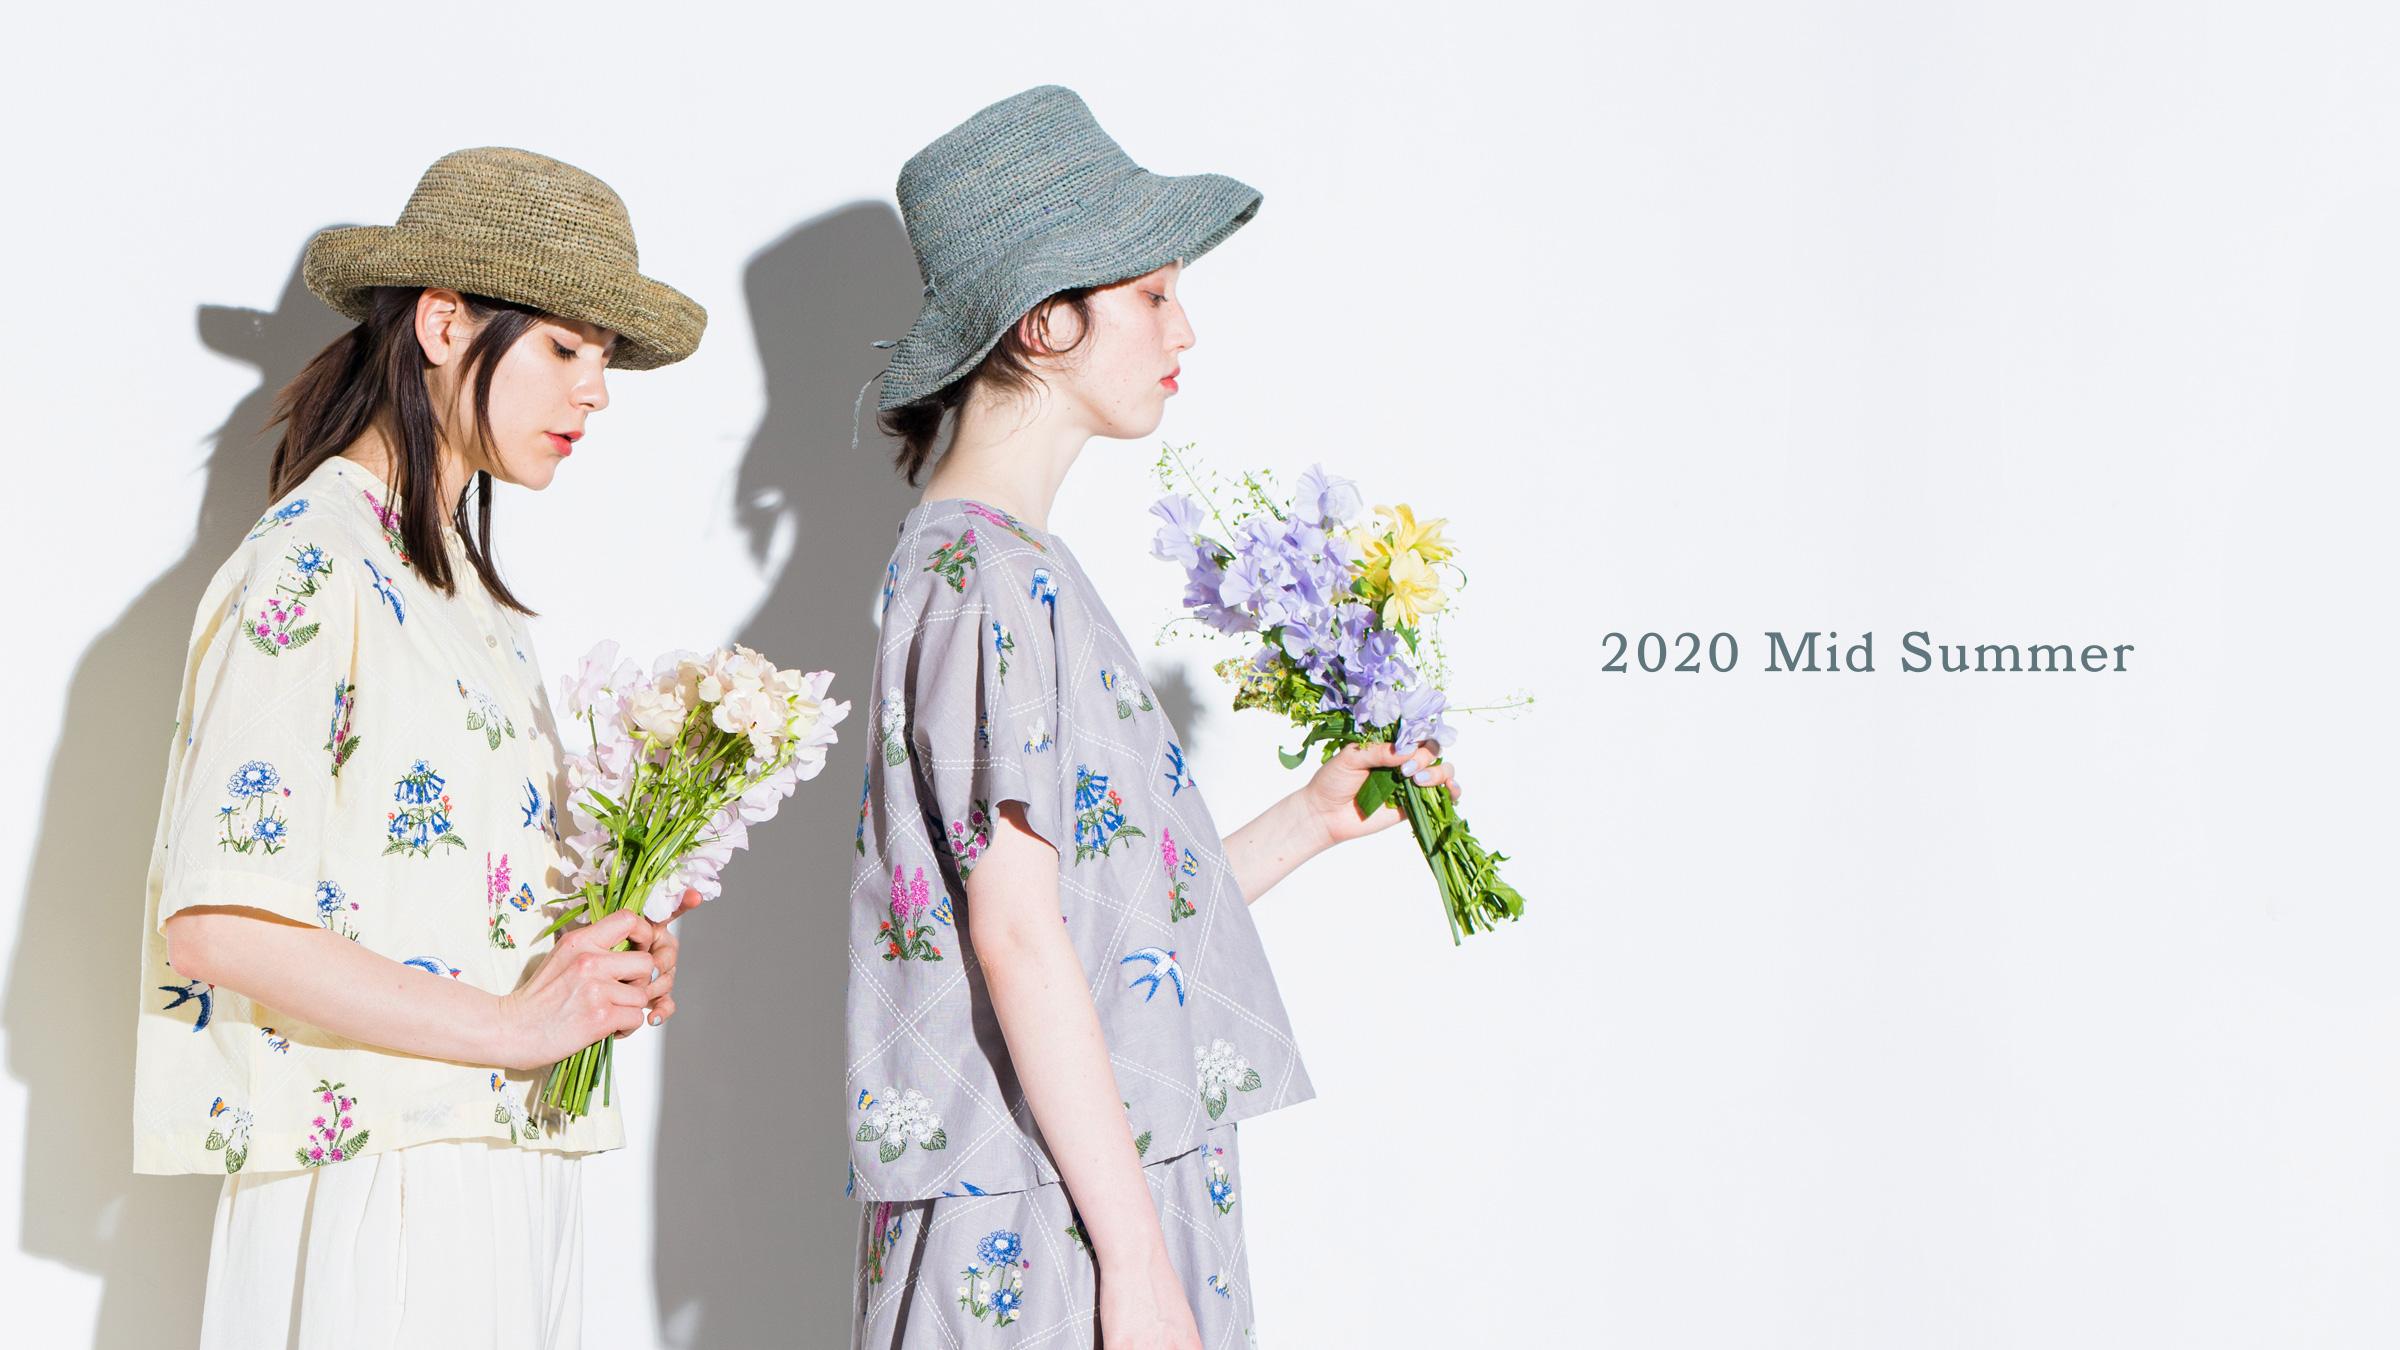 コーポレートサイトイメージ、マーブルシュッド、20MS花とミツバチ